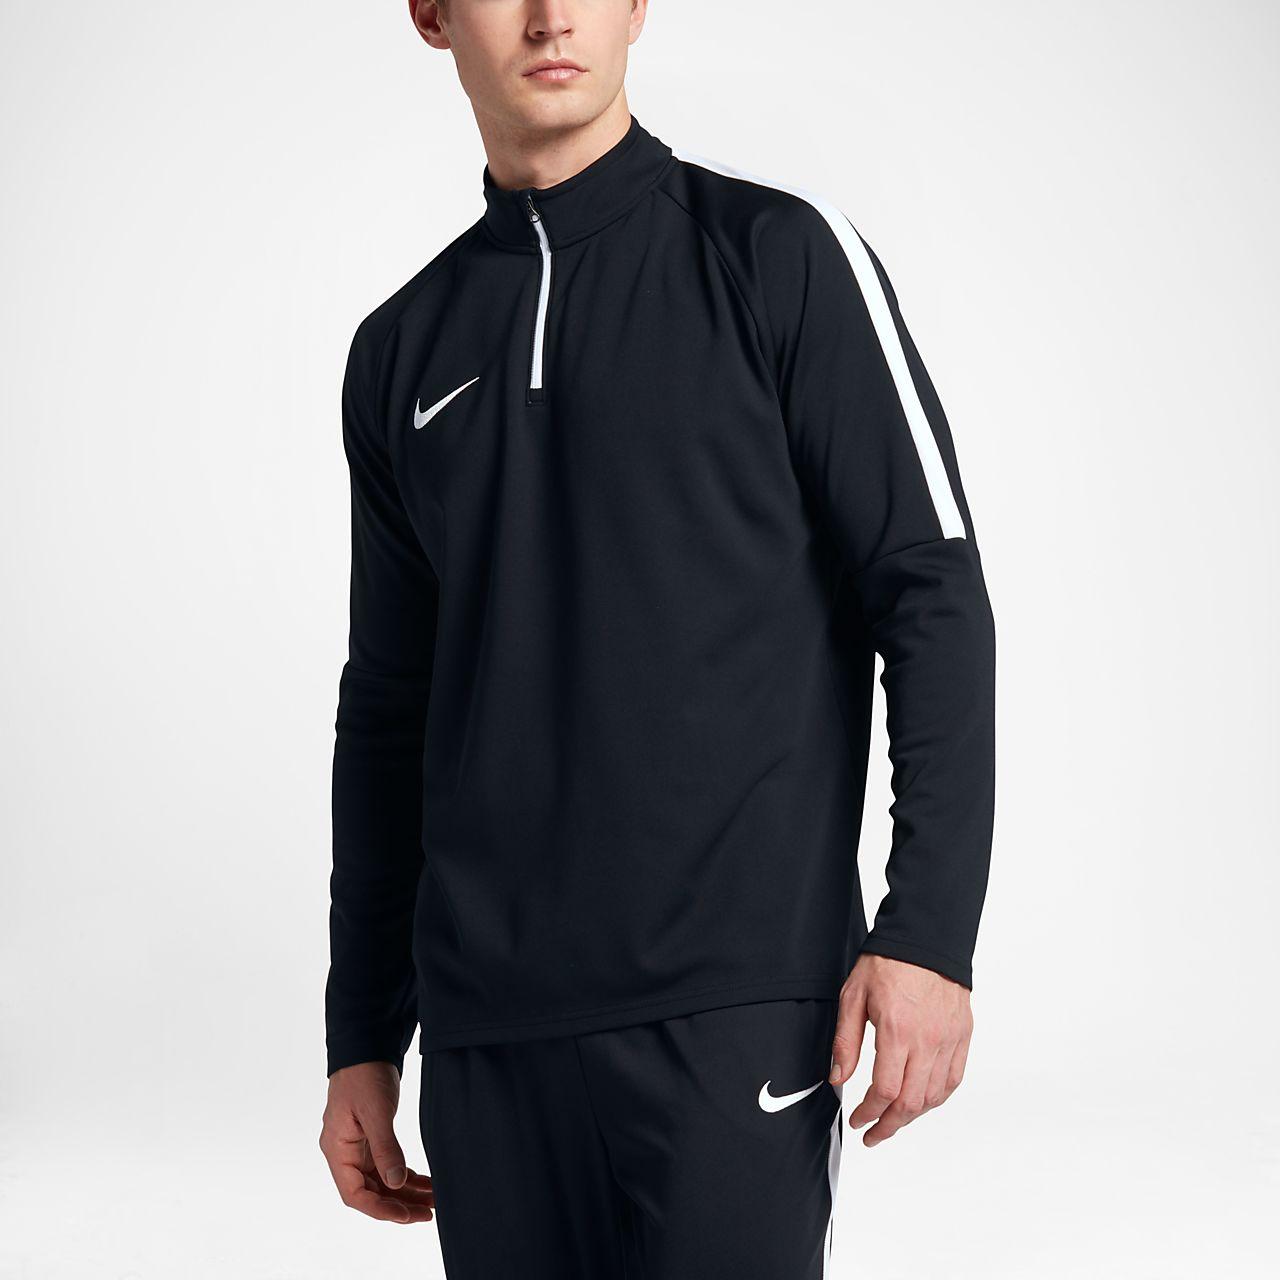 Nike Dri-FIT Academy Herren-Fußballoberteil mit Kurzreißverschluss